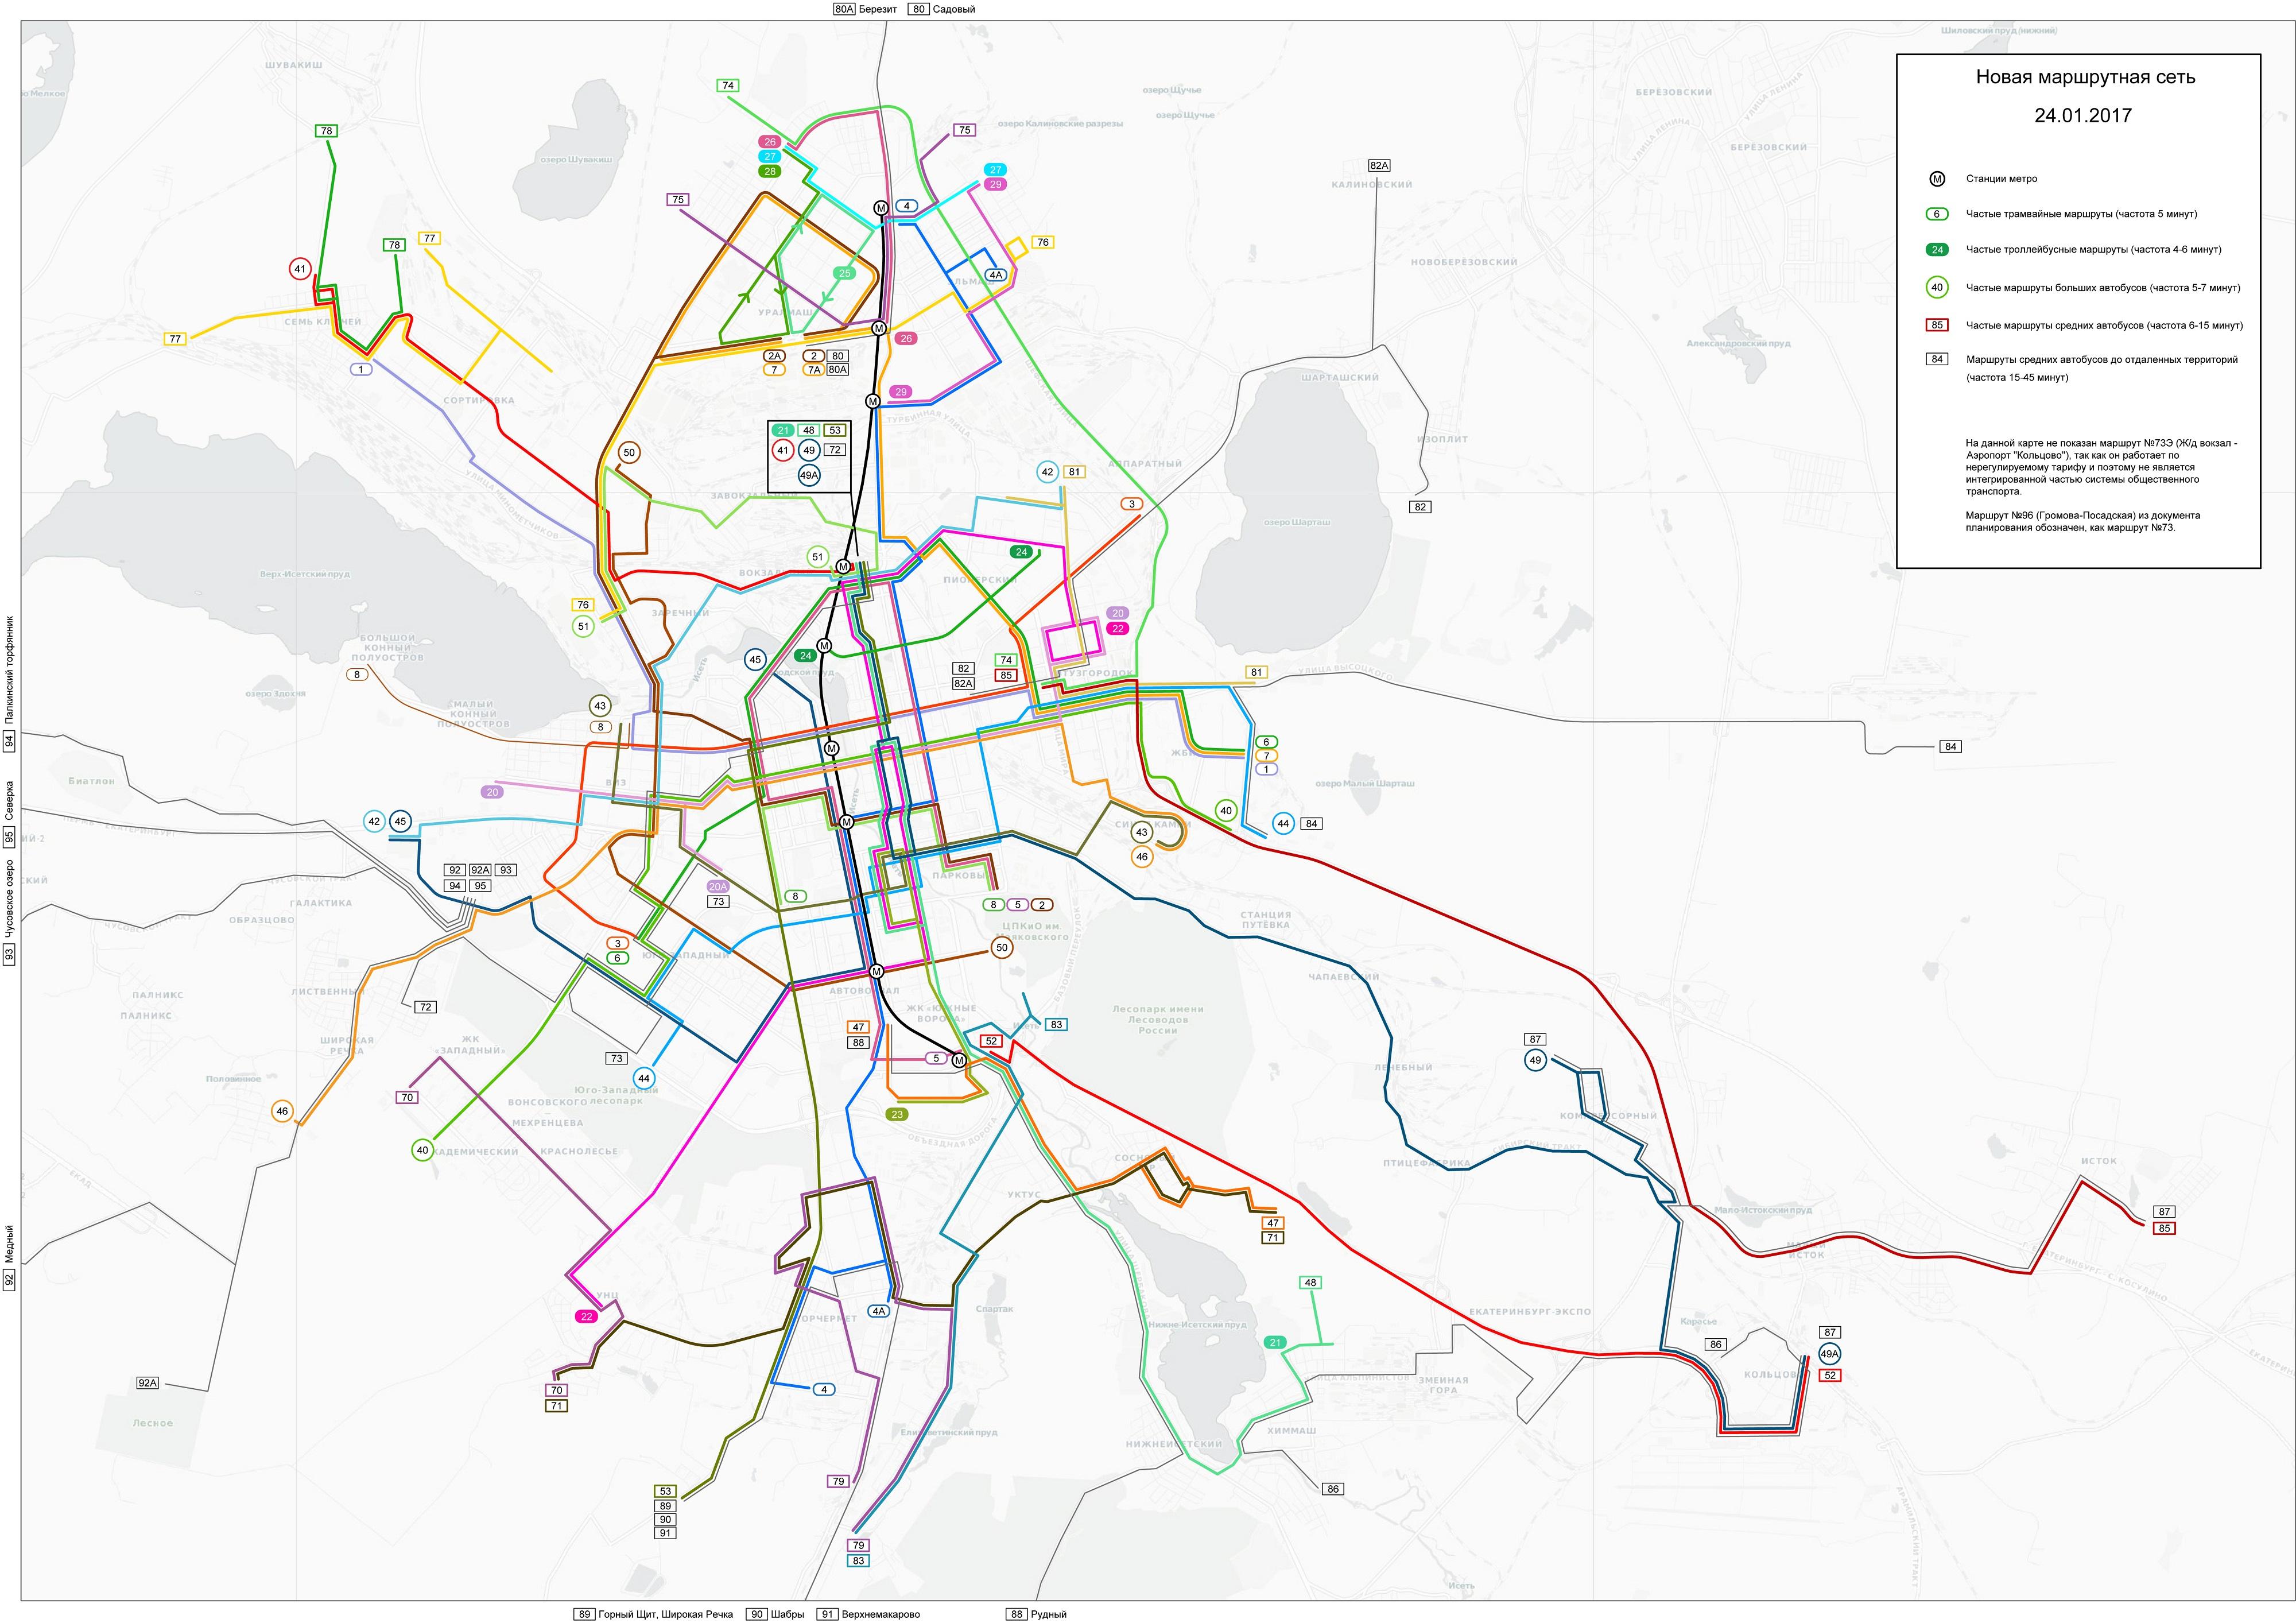 Мэрия обнародовала новейшую карту маршрутной сети Екатеринбурга